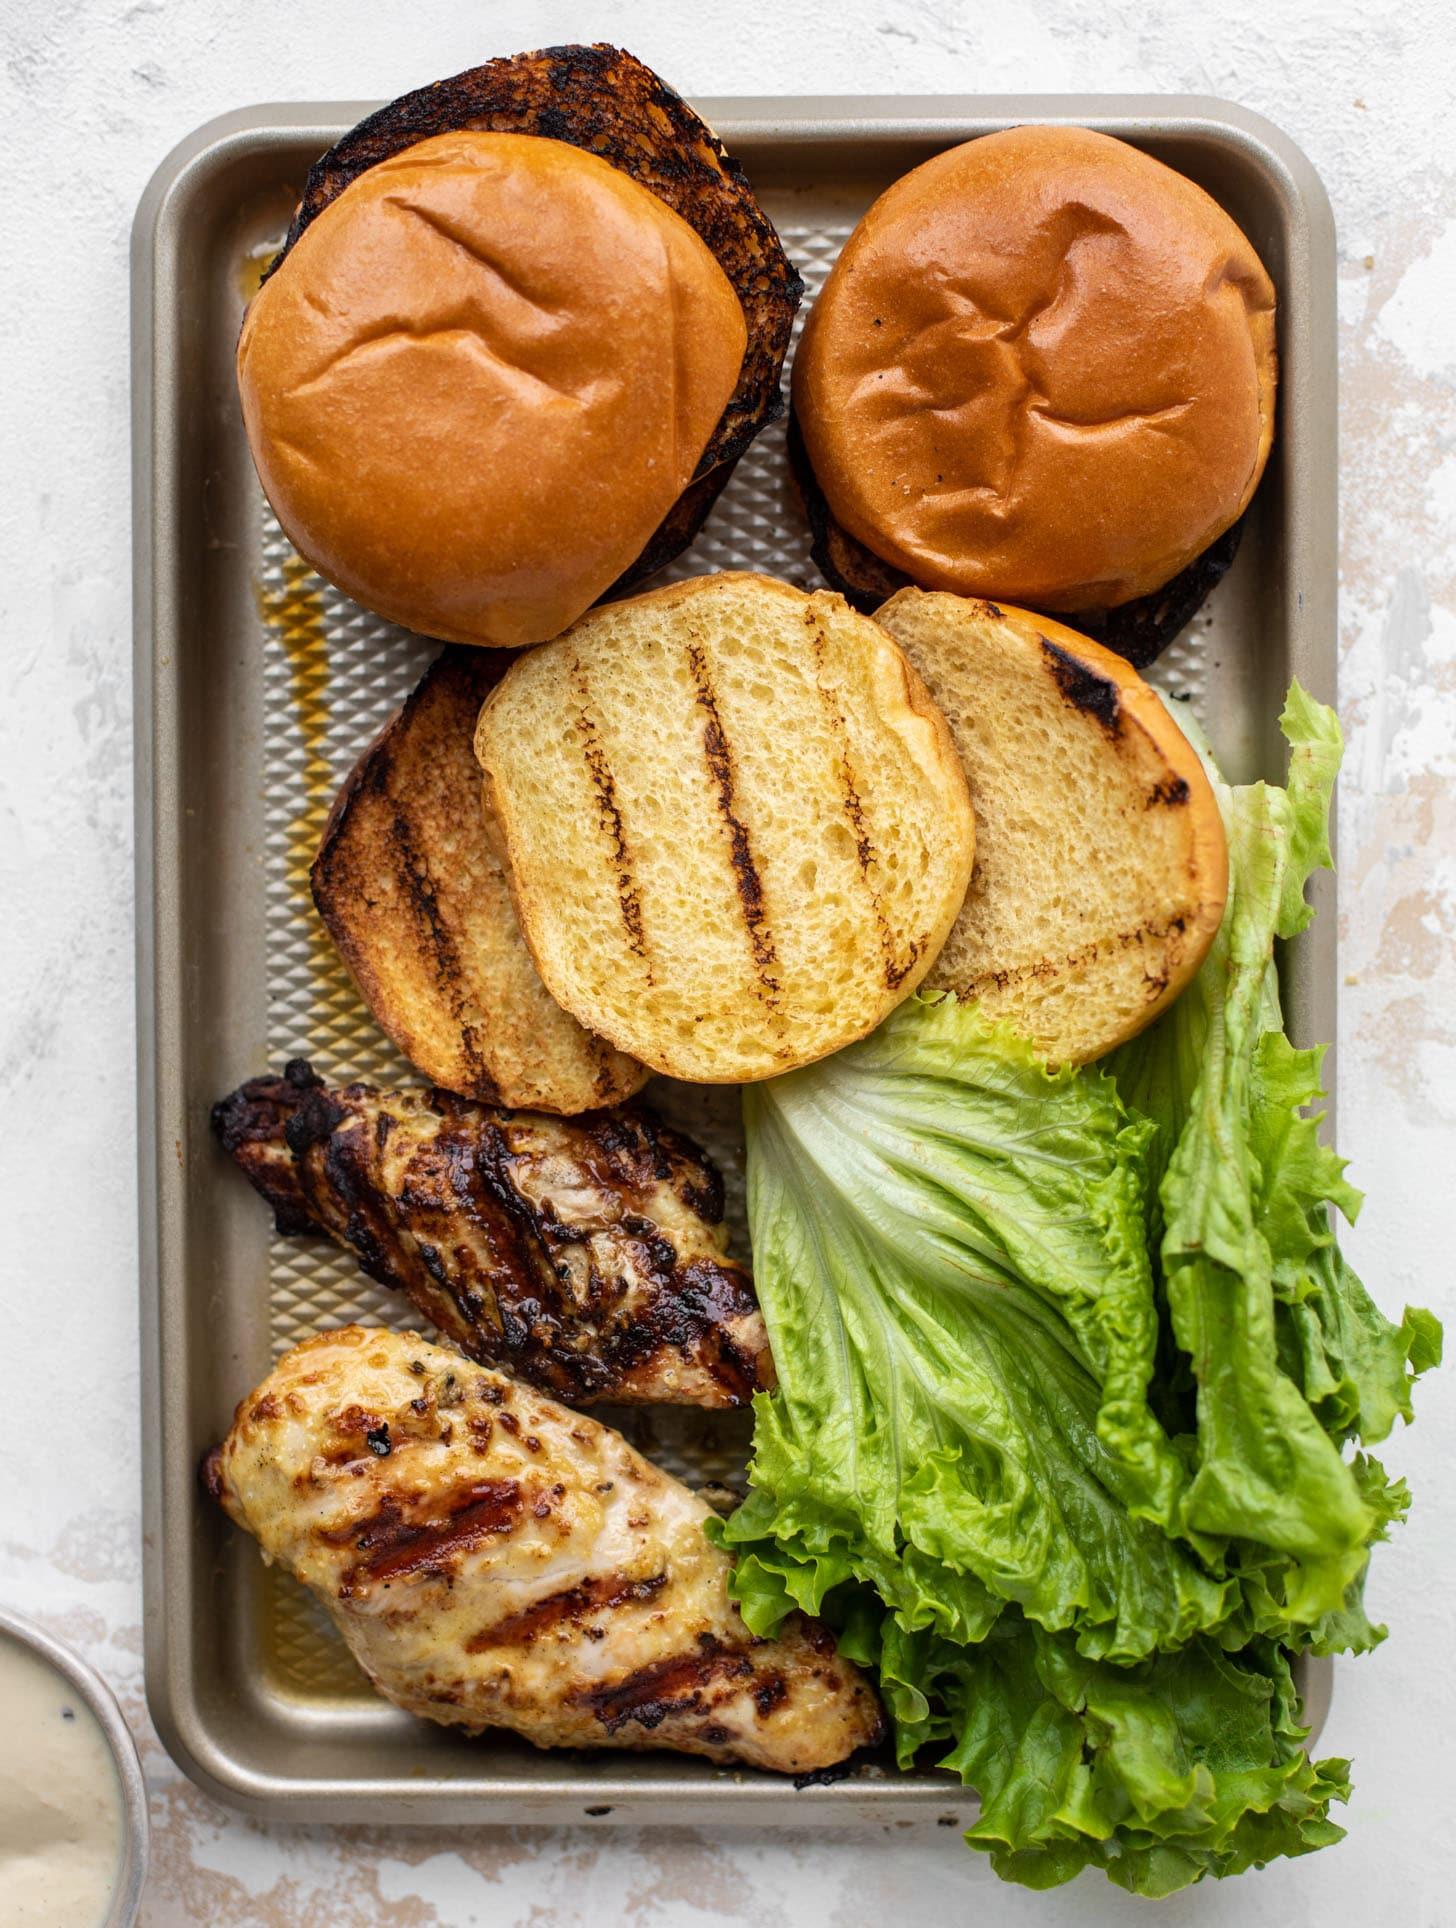 grilled chicken caesar sandwiches ready to go